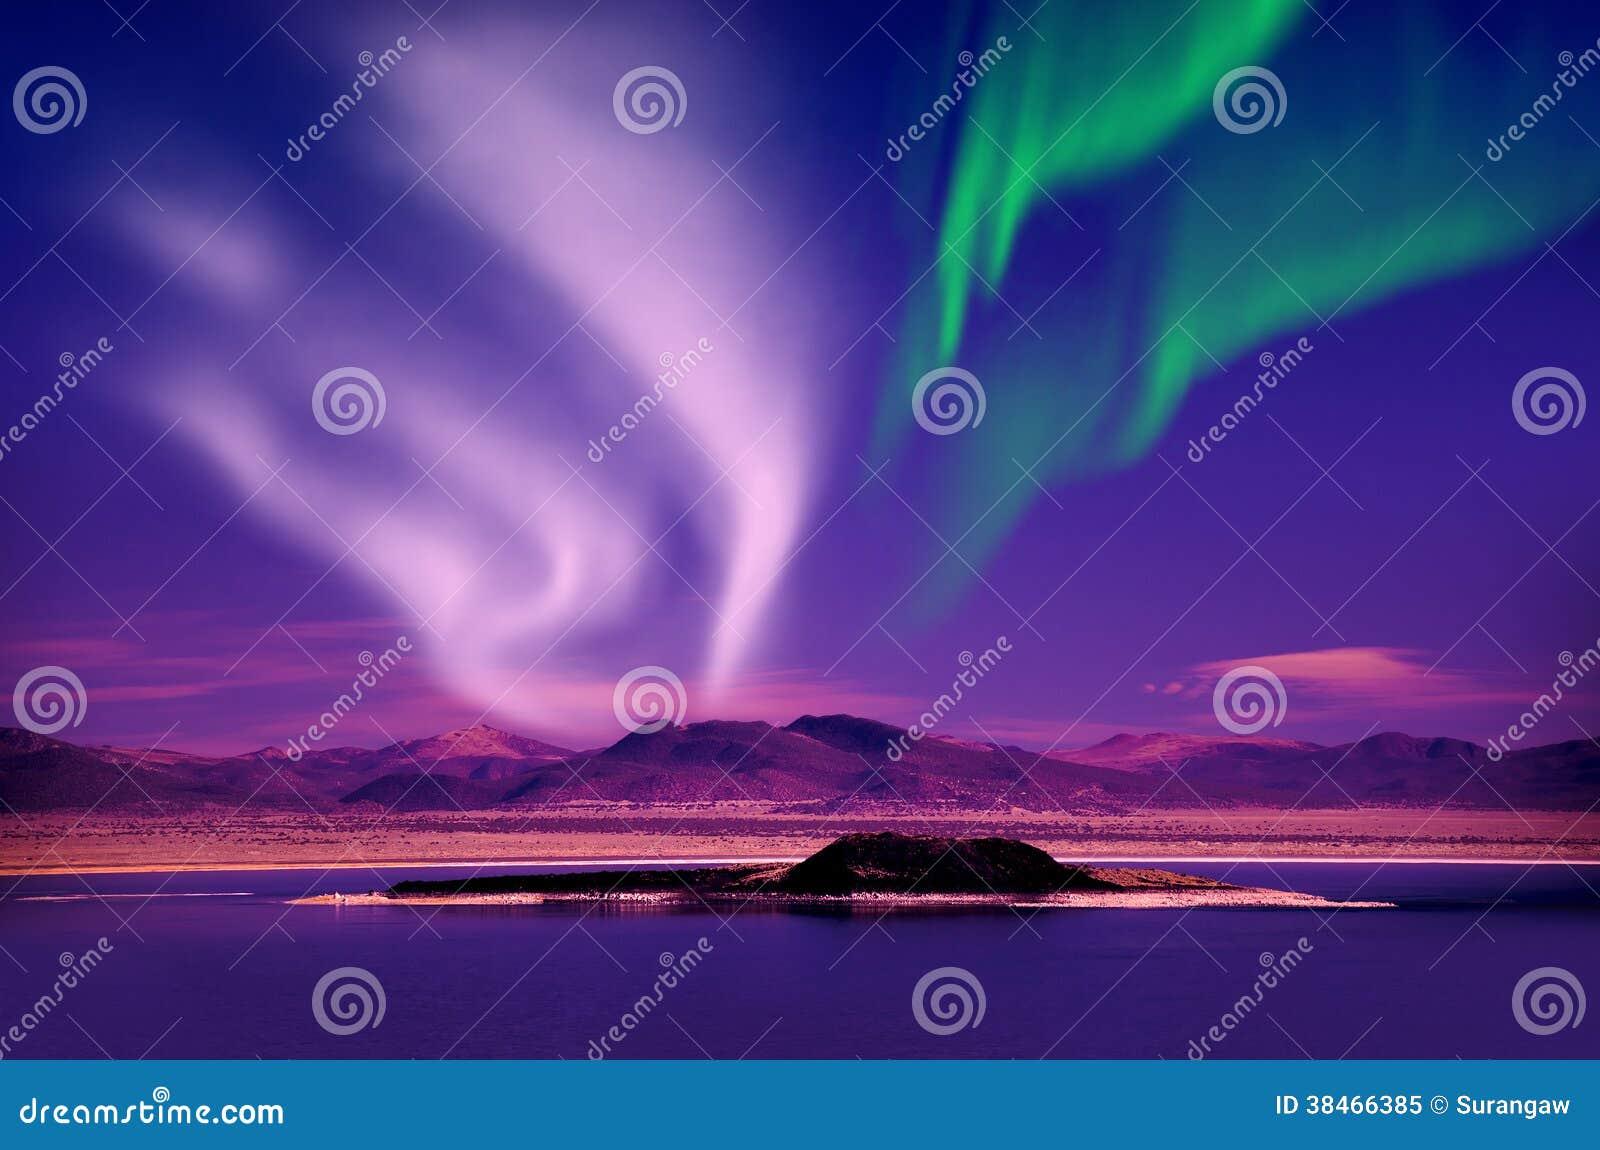 Aurora borealis da aurora boreal no céu noturno sobre a paisagem bonita do lago